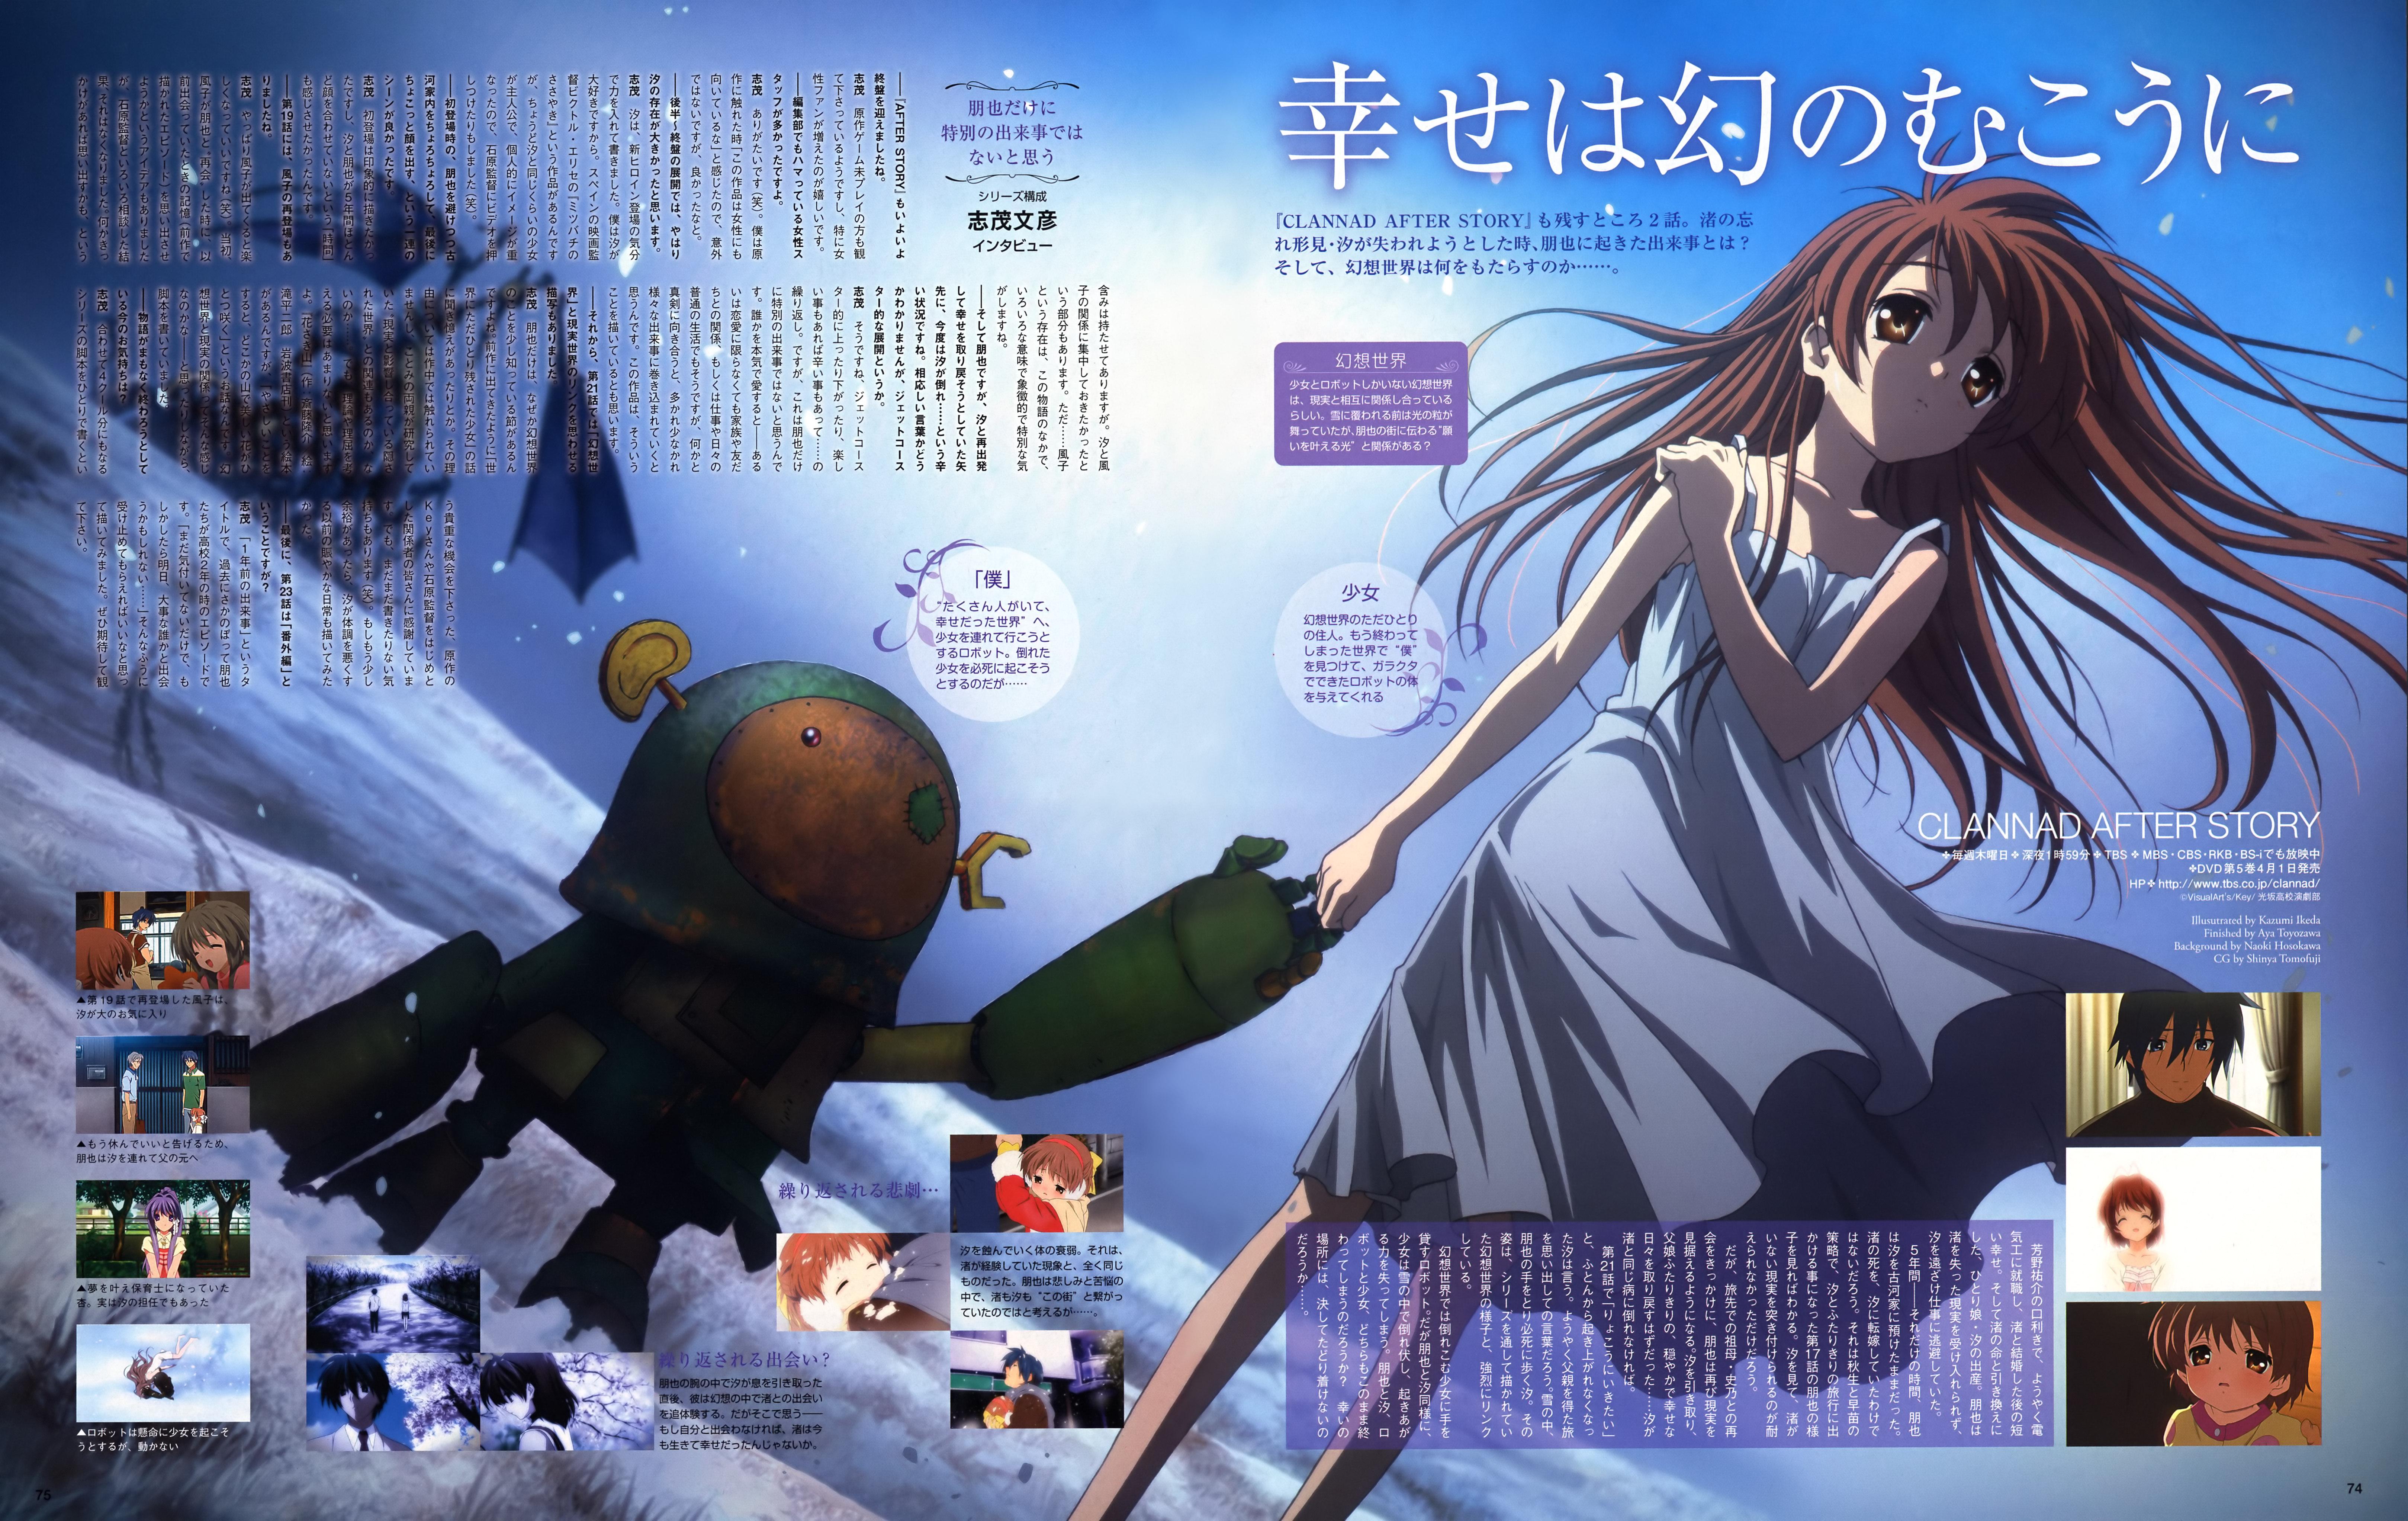 Fujibayashi Kyou Furukawa Nagisa Okazaki Tomoya Okazaki Ushio Girl From The Illusionary World And 2 More Clannad Drawn By Ikeda Kazumi Danbooru